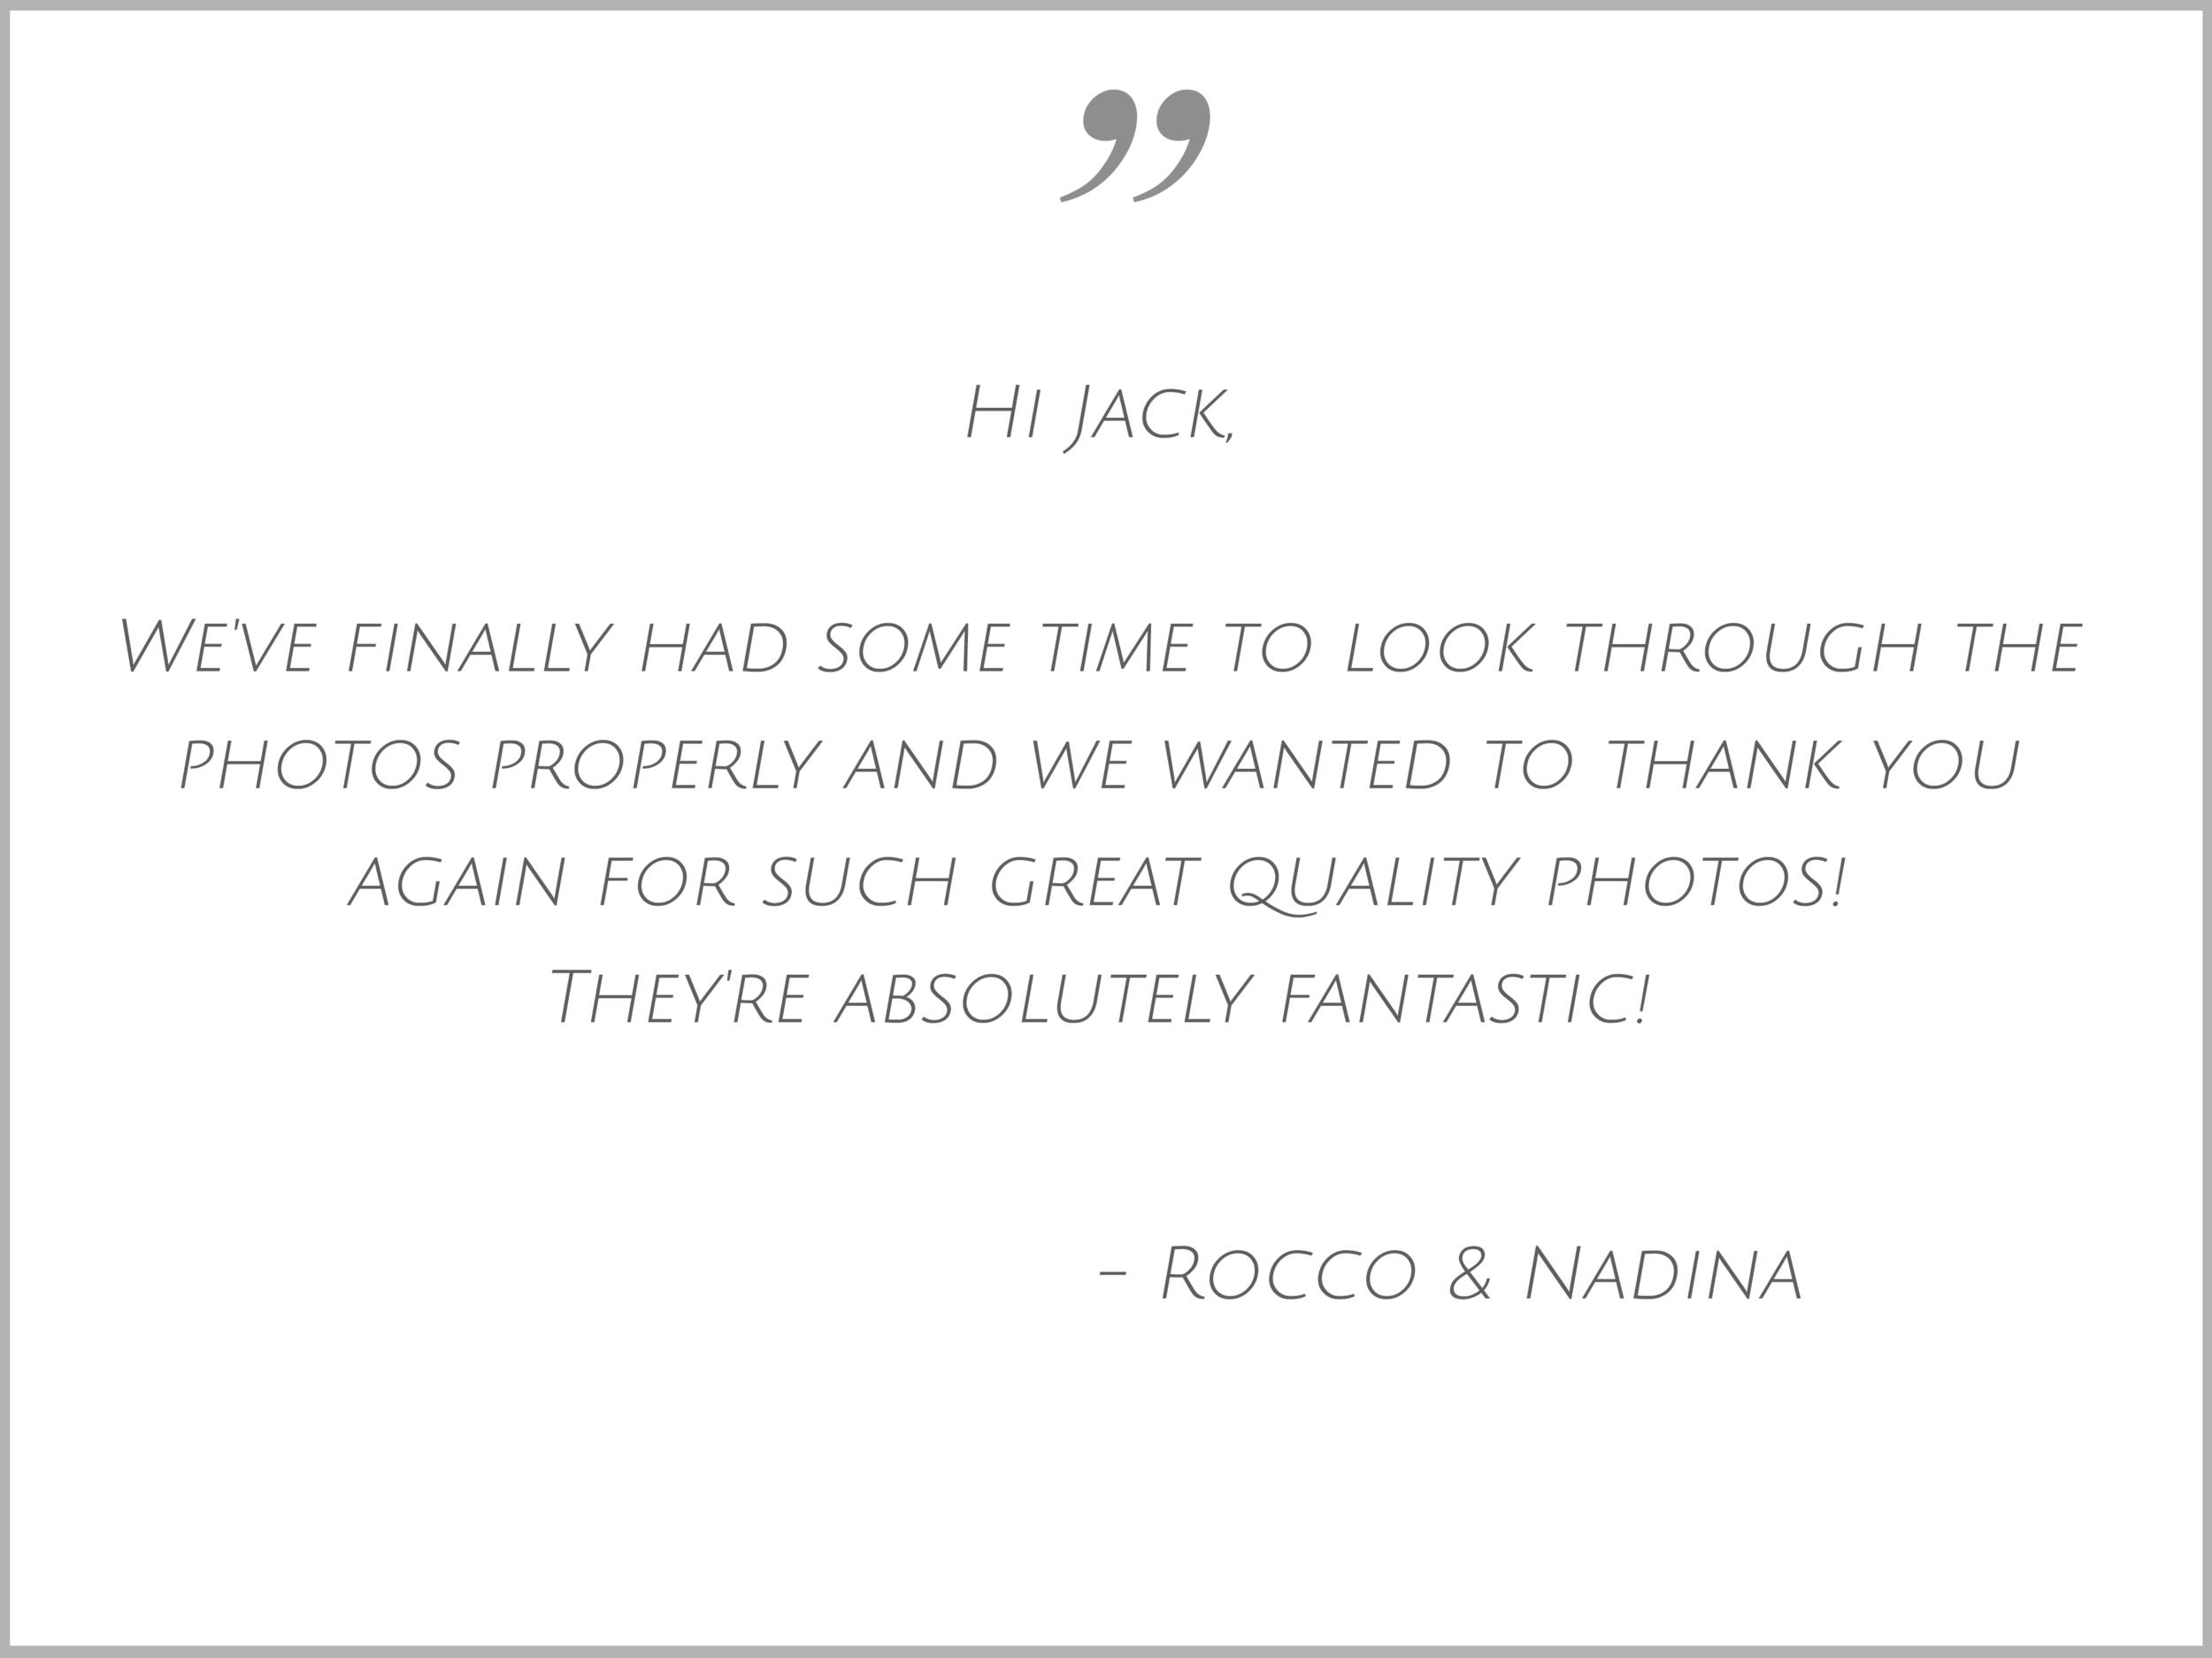 Rocco & Nadina.png